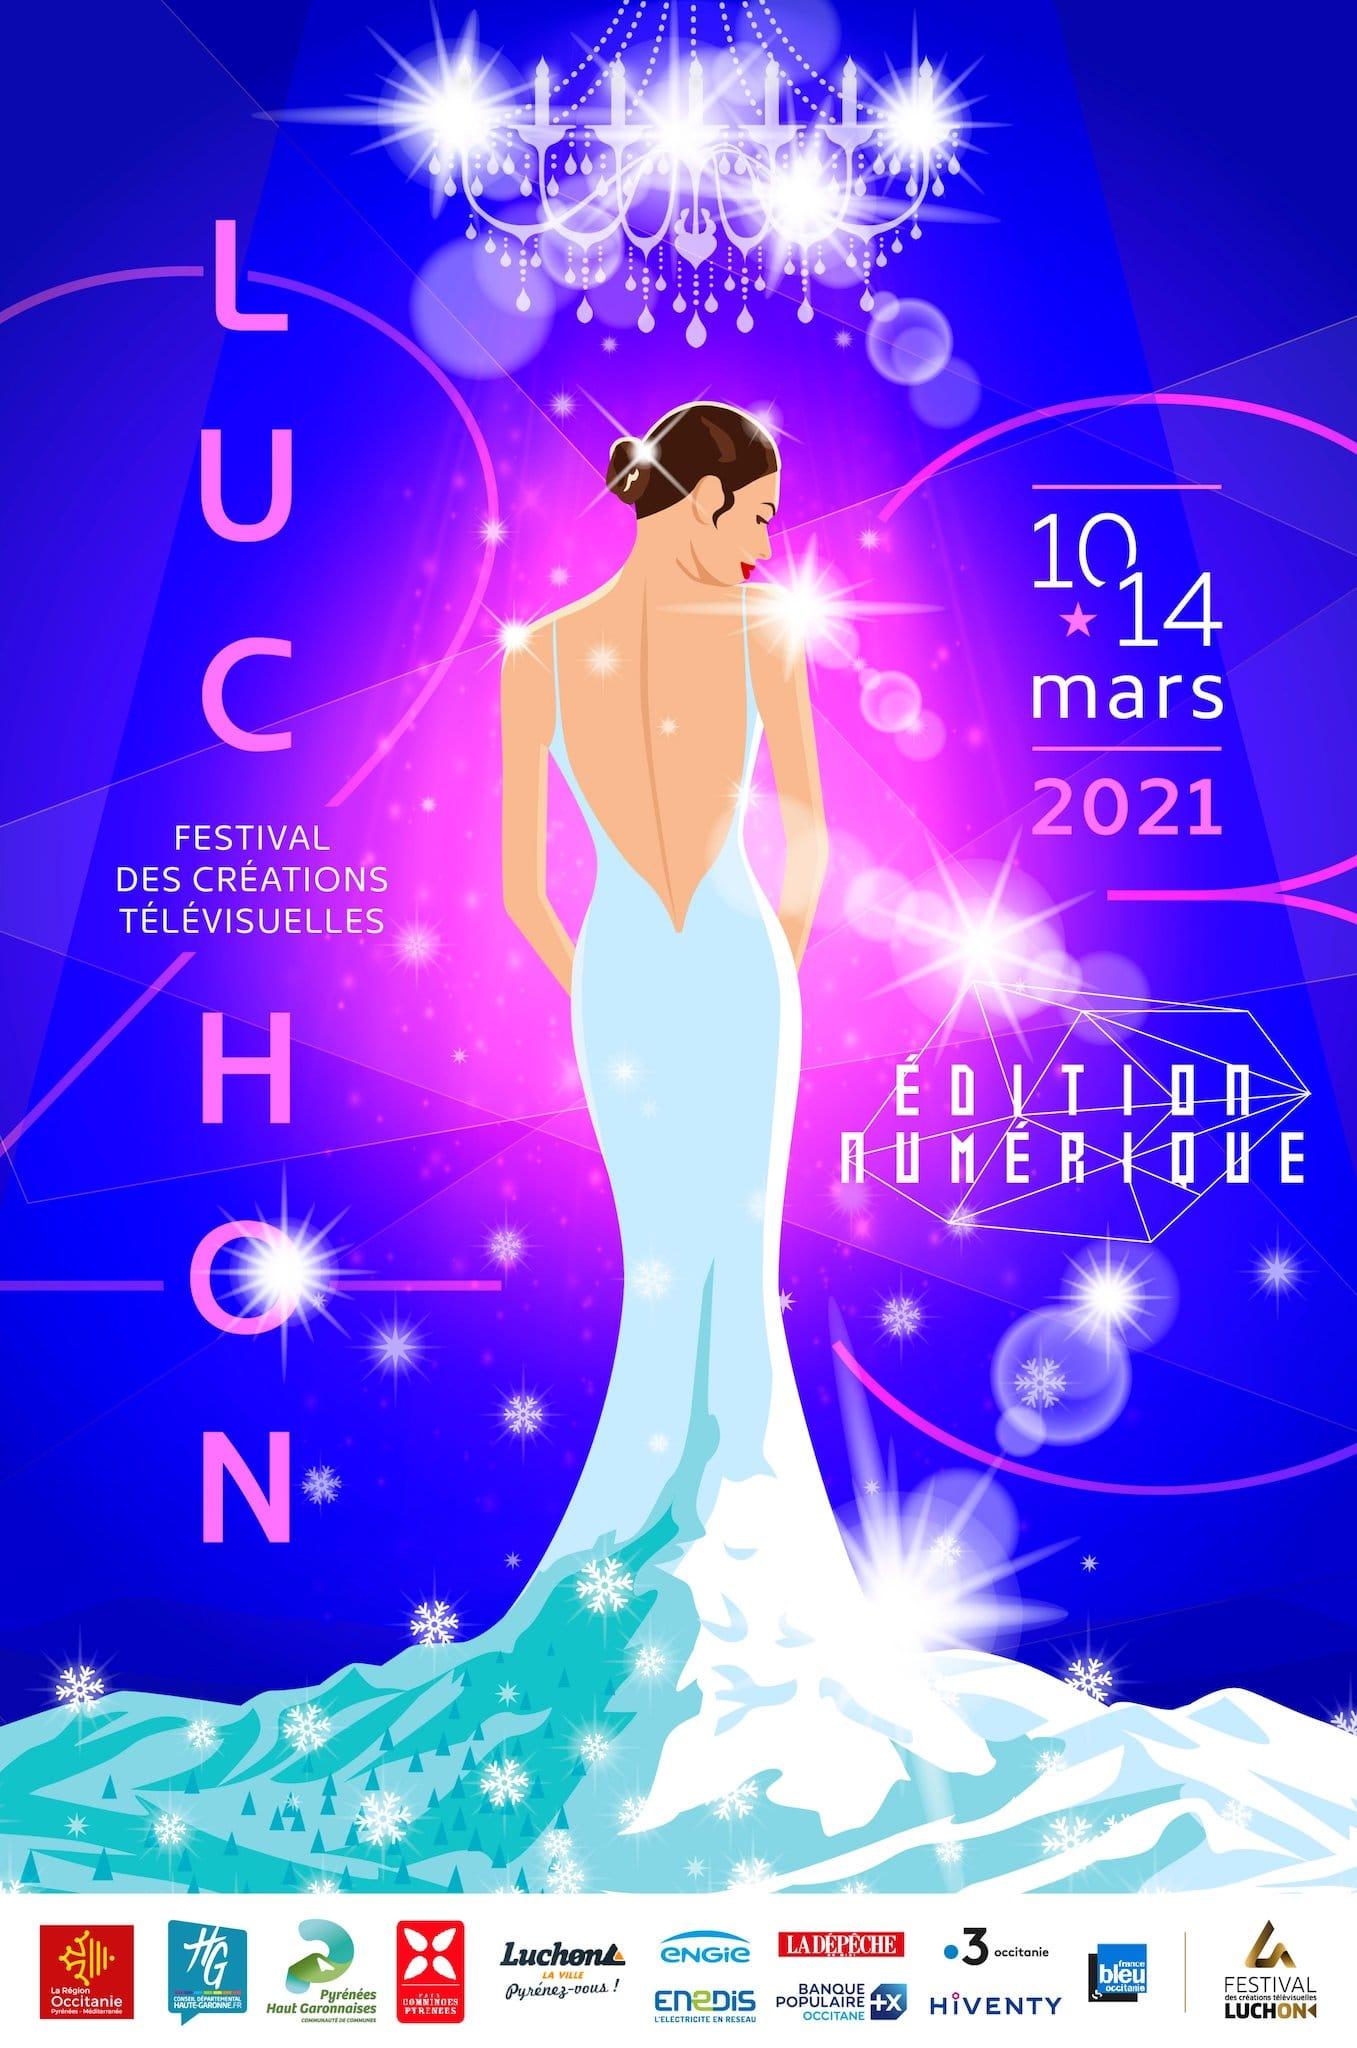 Festival de Luchon 2021 affiche télévision